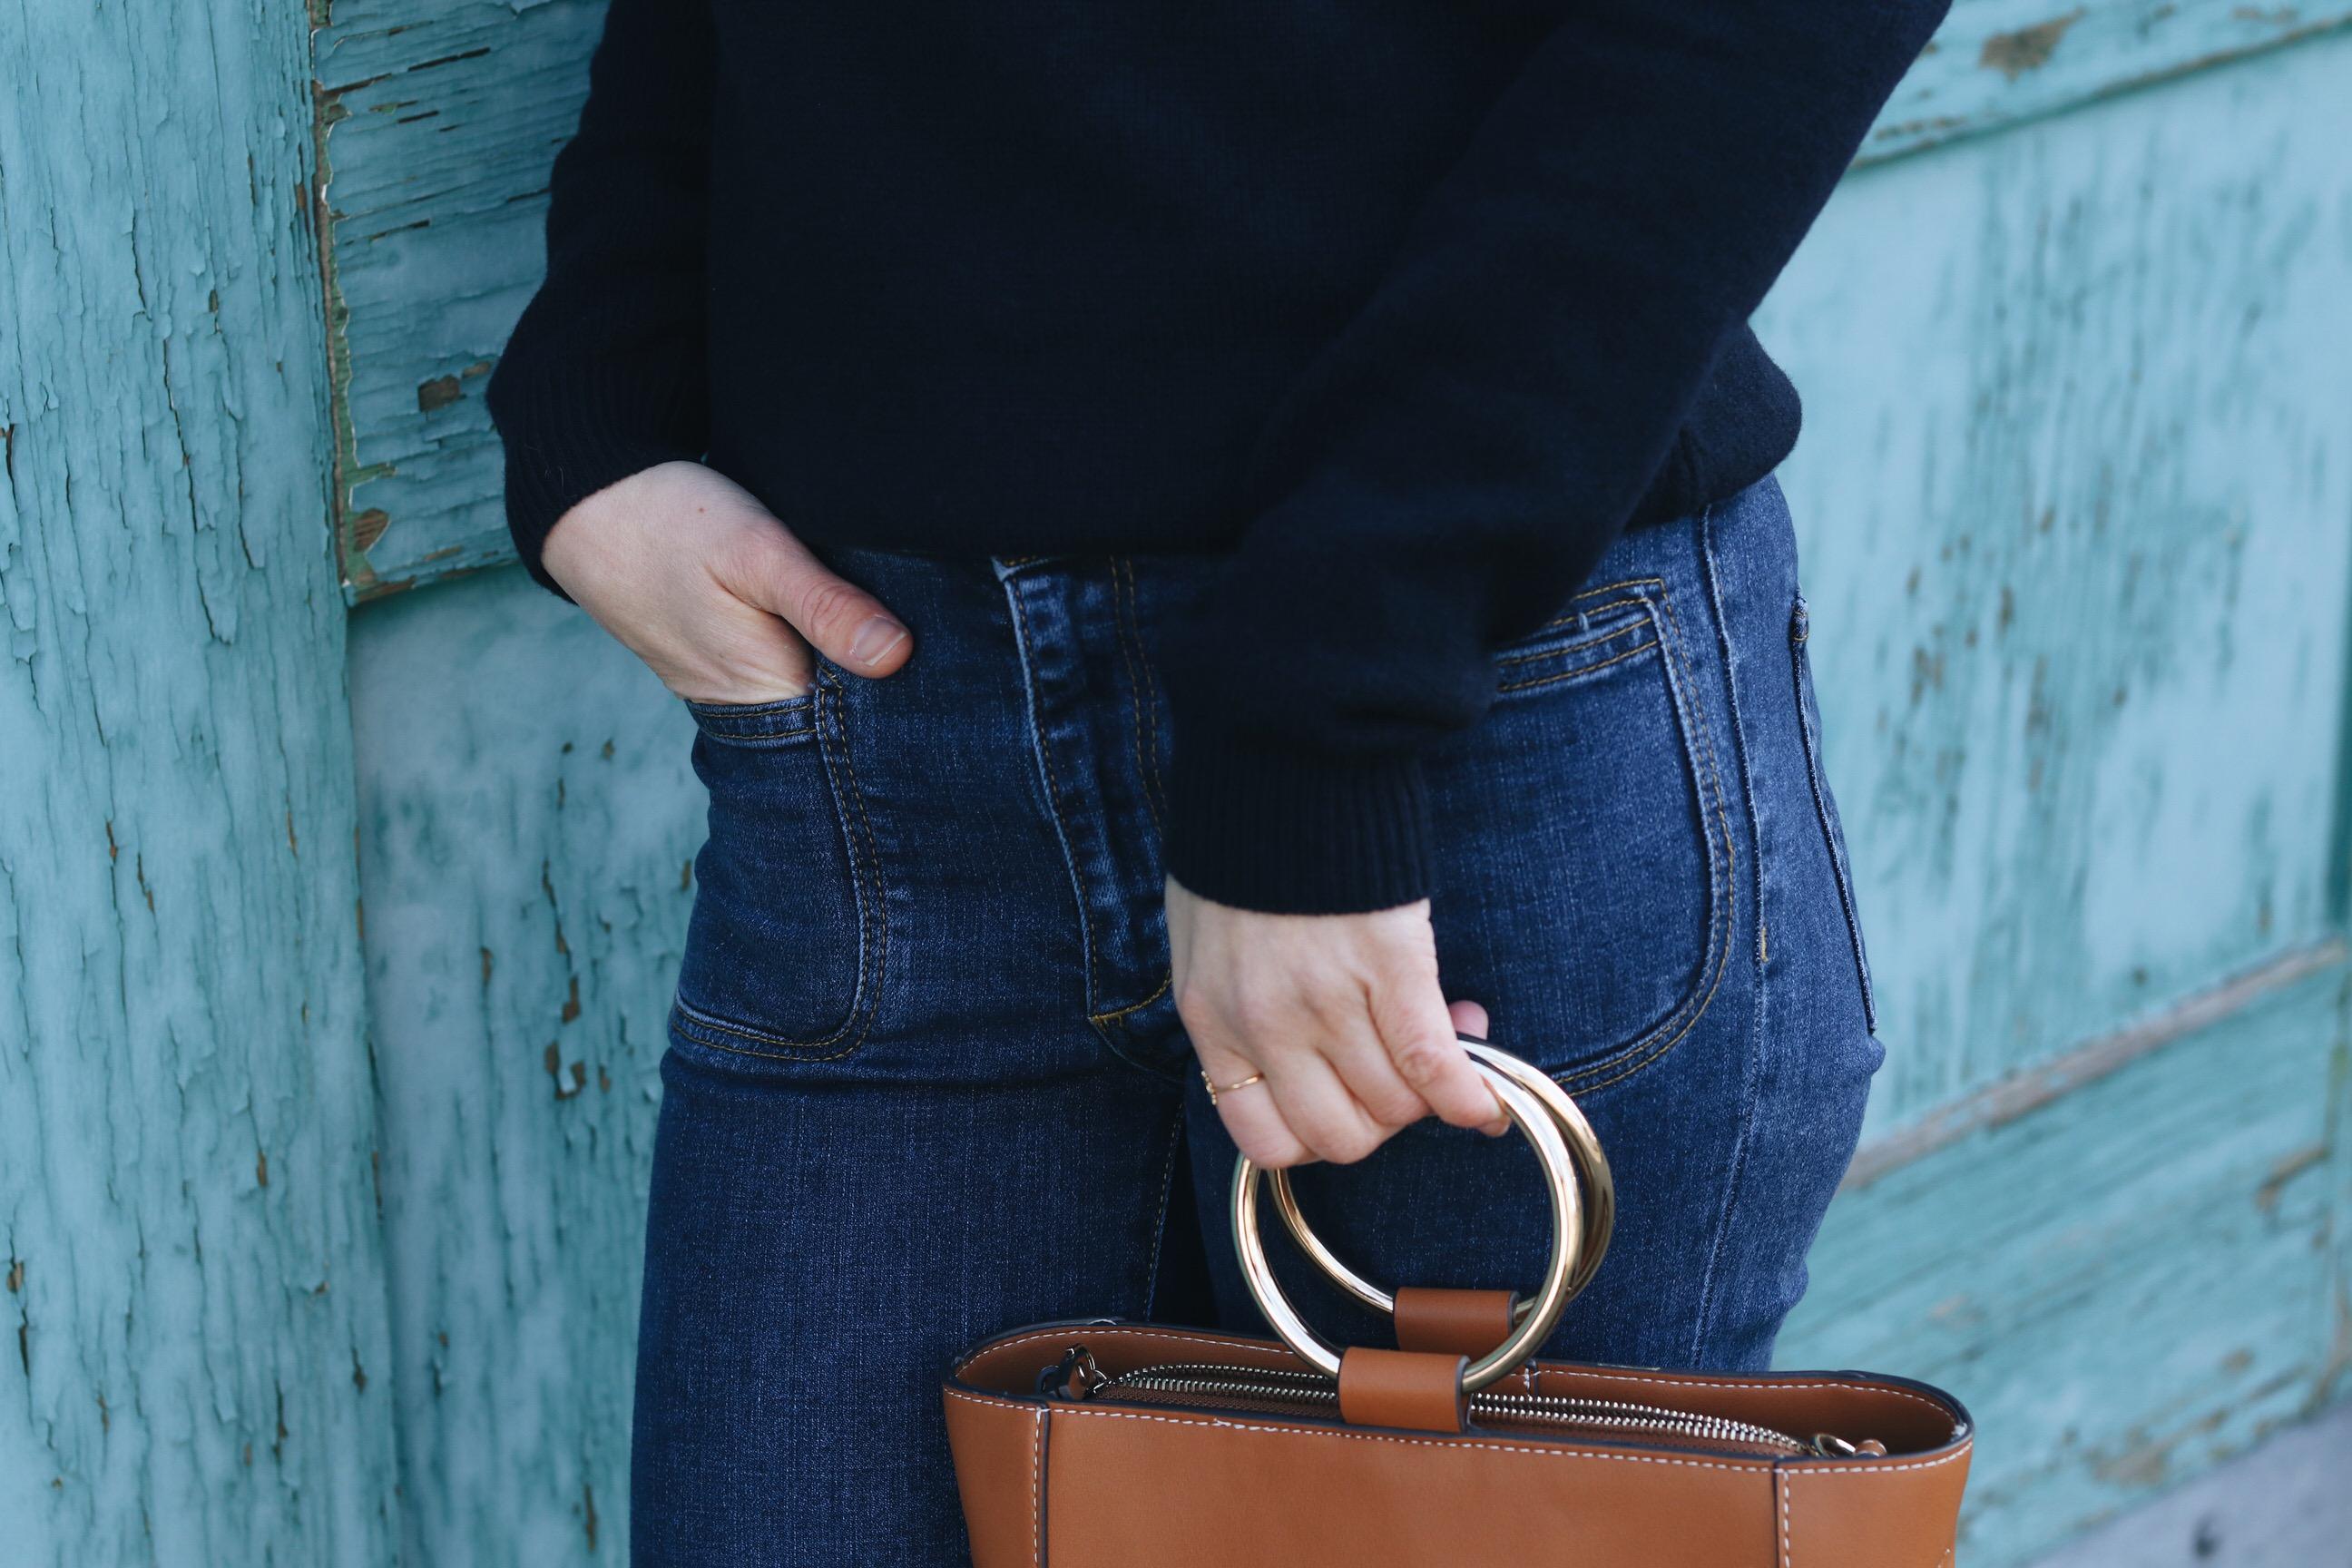 Kick Flare Jeans kombinieren mit Merinowolle Pullover